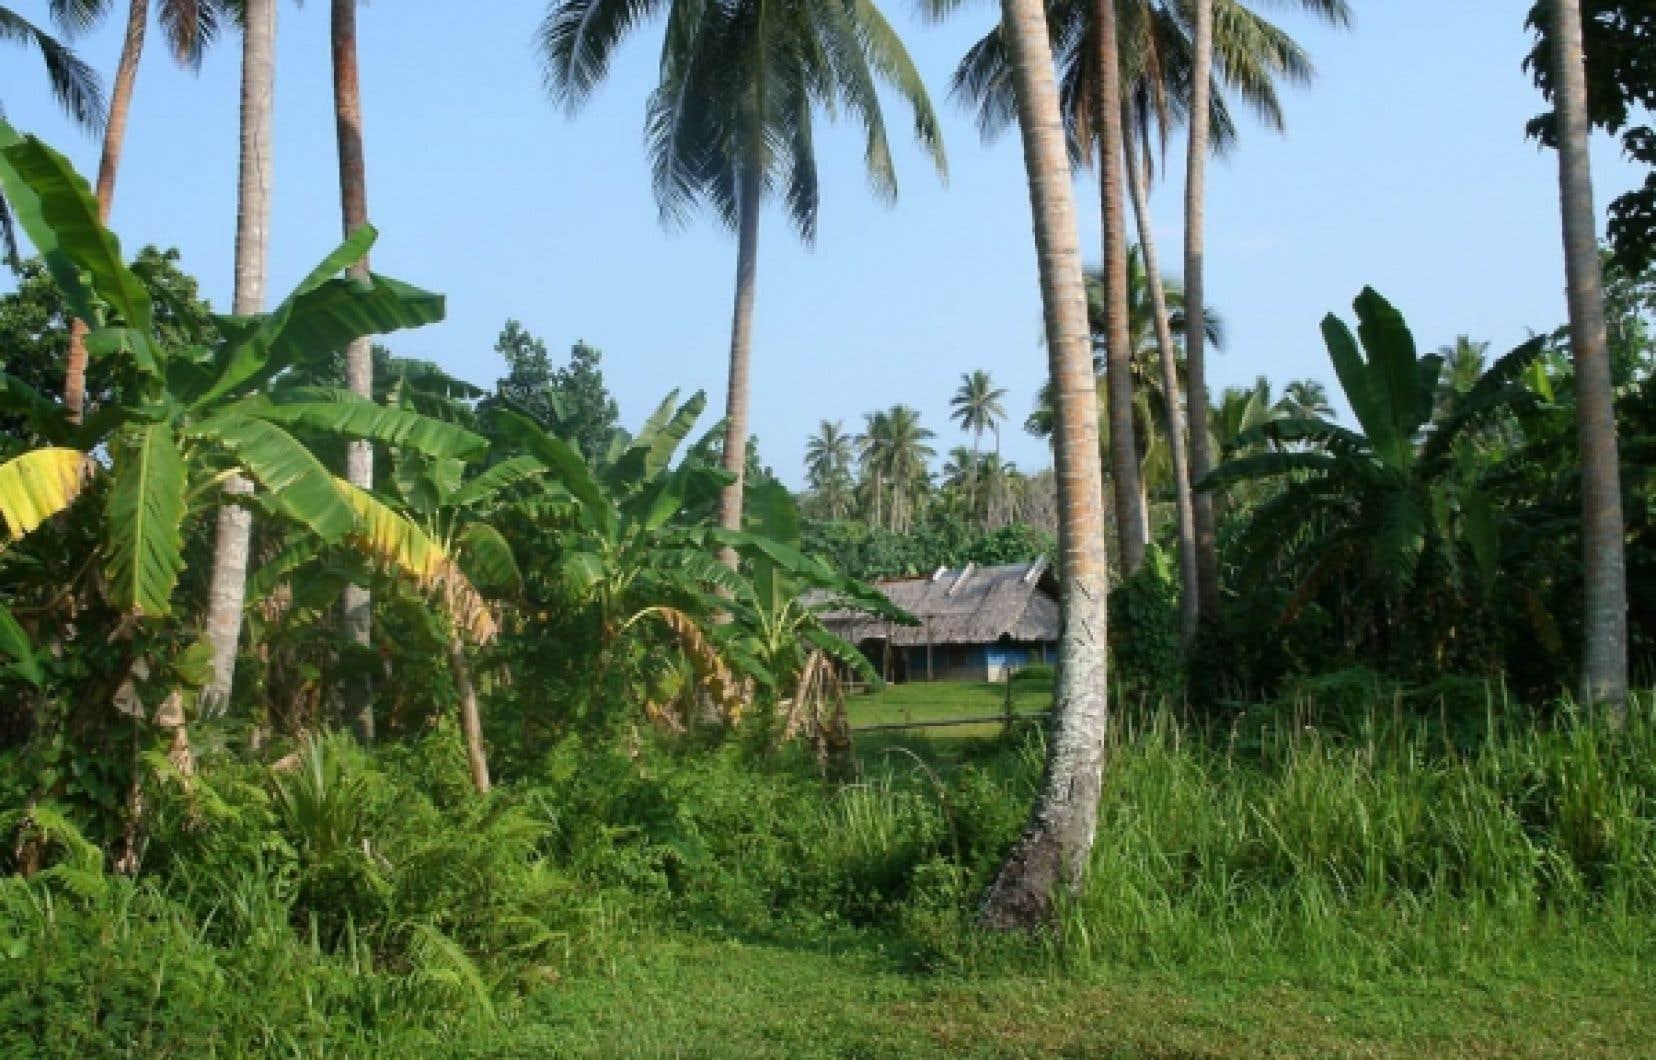 Dans la brousse du Vanuatu, il suffit de tendre la main pour cueillir un fruit exotique.<br />